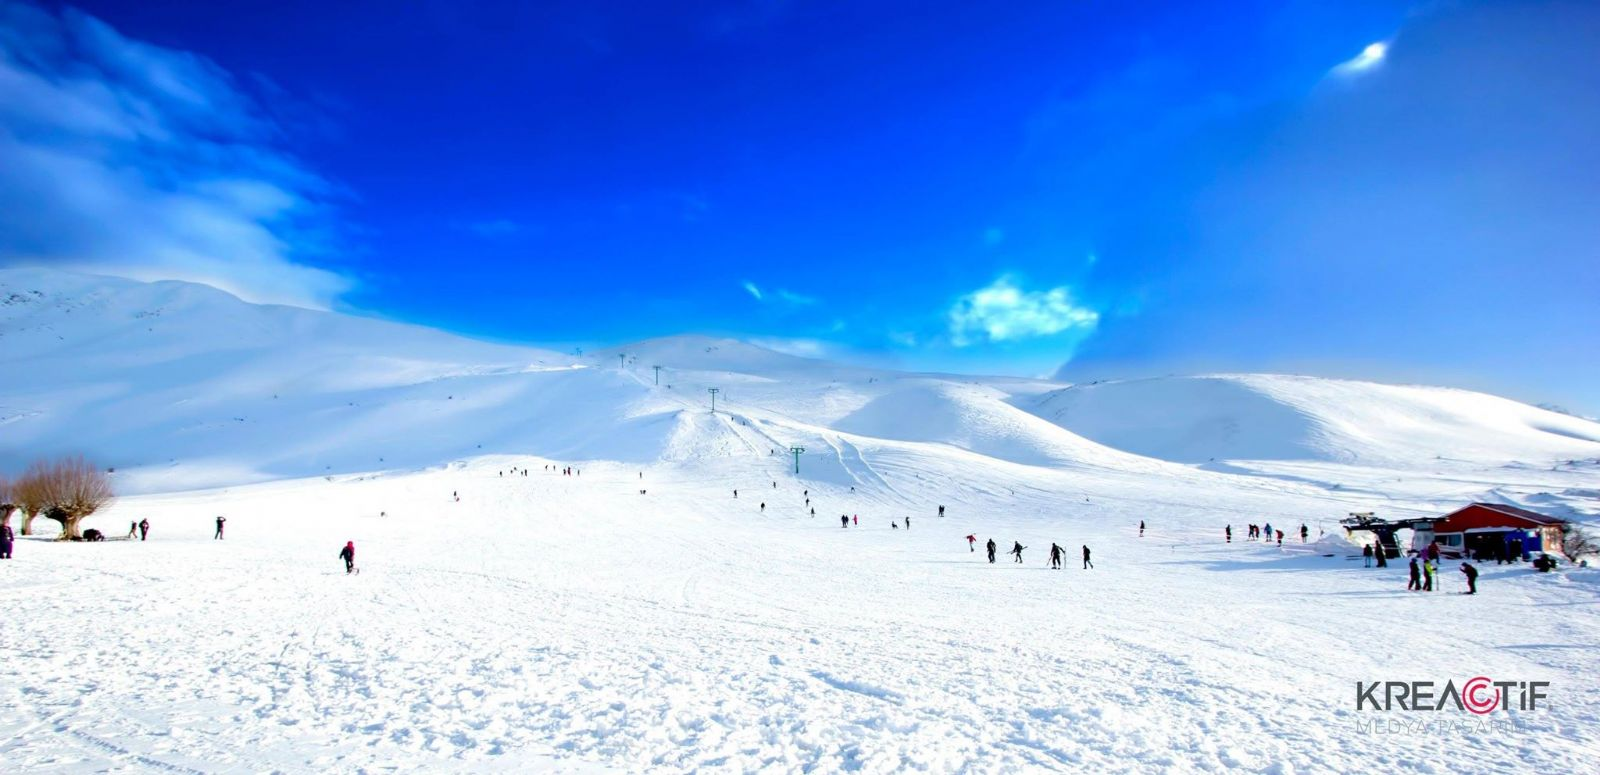 hazarbaba-kayak-merkezi-fotograf-cekimi-kreactif-9